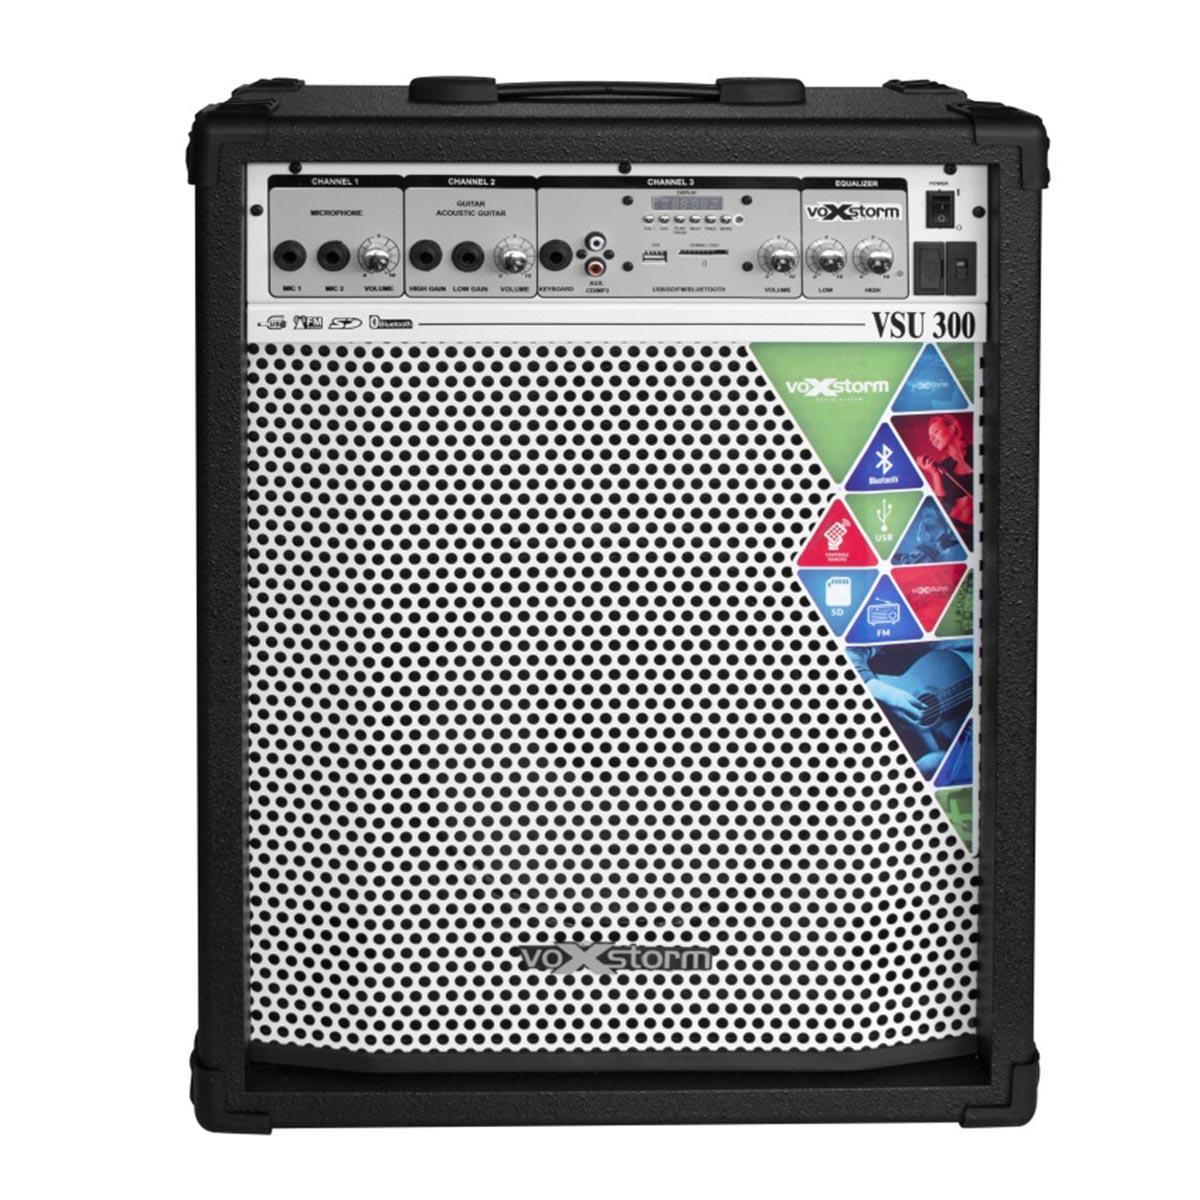 VSU300 - Cubo Multiuso Ativo 40W c/ Bluetooth e USB VSU 300 Preto - Voxstorm